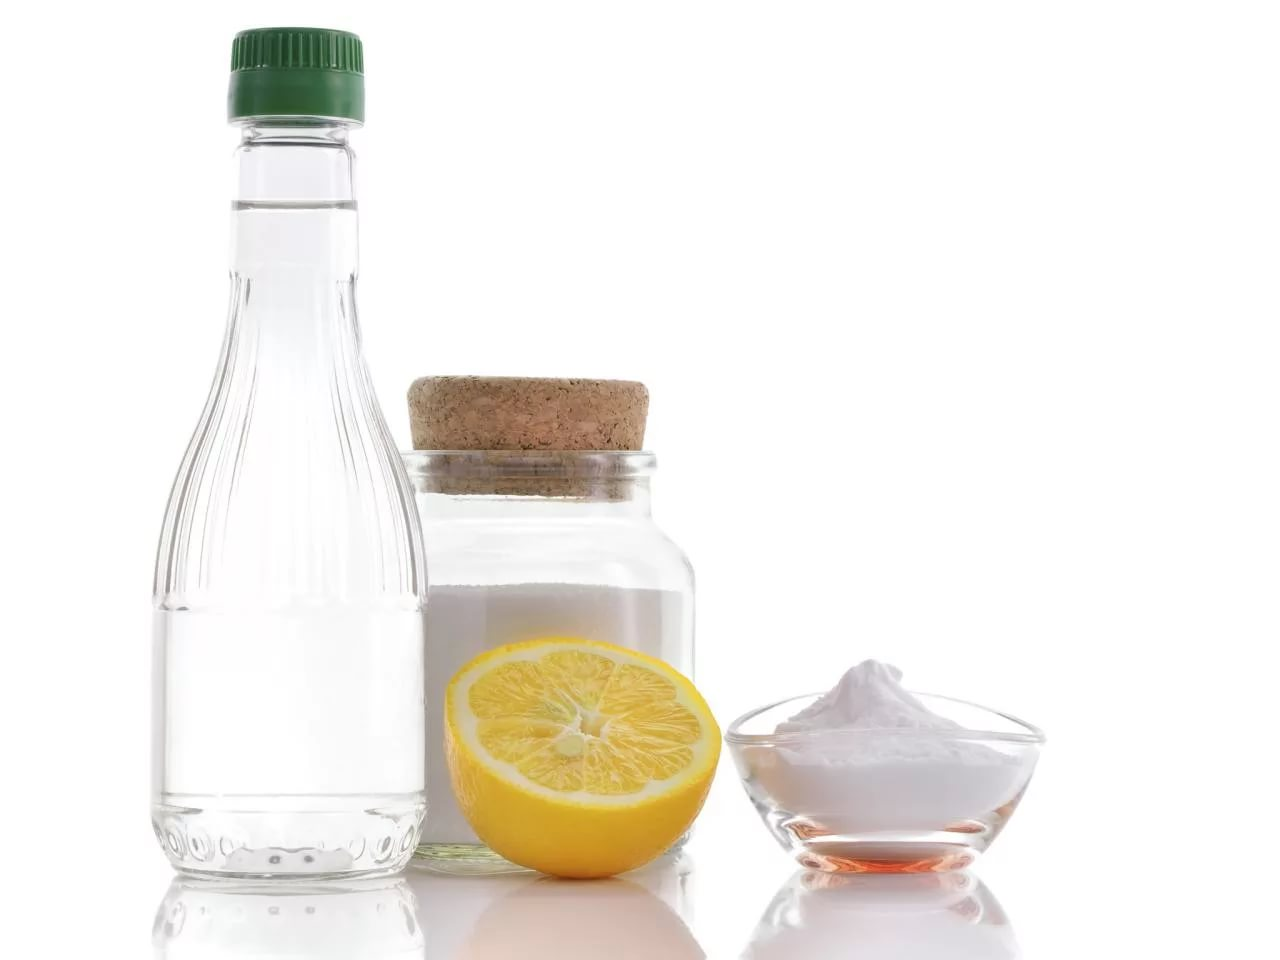 средства для удаления запахов